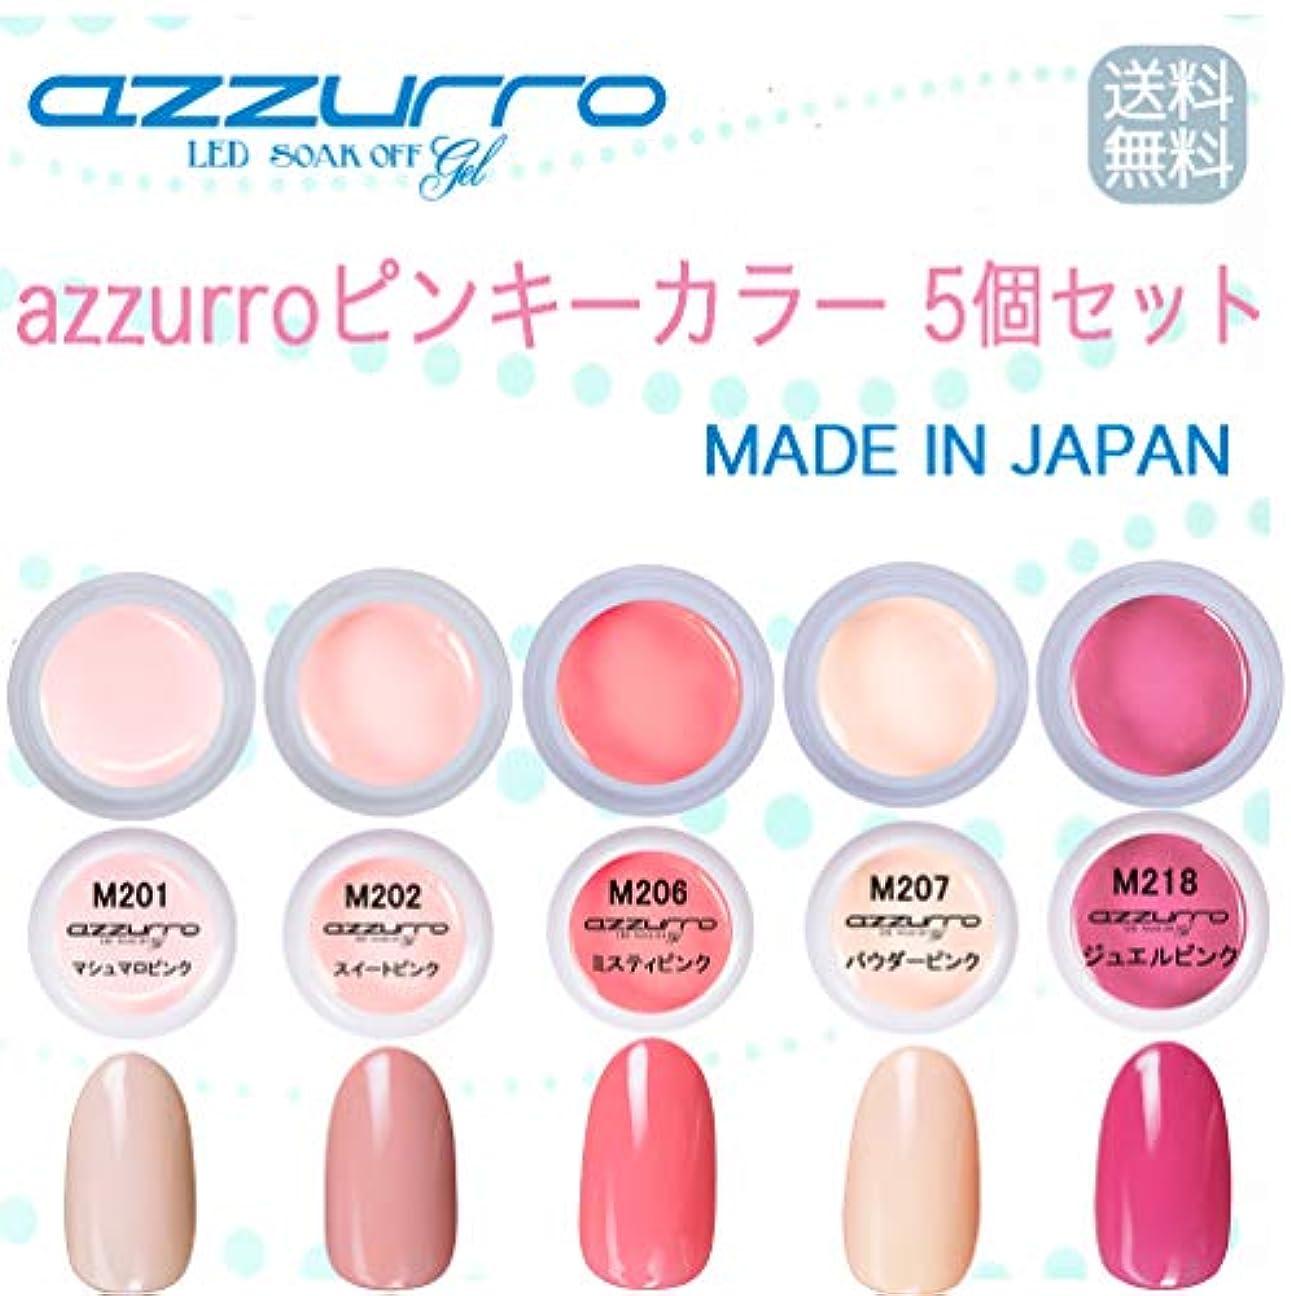 軽蔑する申請中三番【送料無料】日本製 azzurro gel ピンキーカラー ジェル5個セット ネイルのマストアイテムピンキーカラー